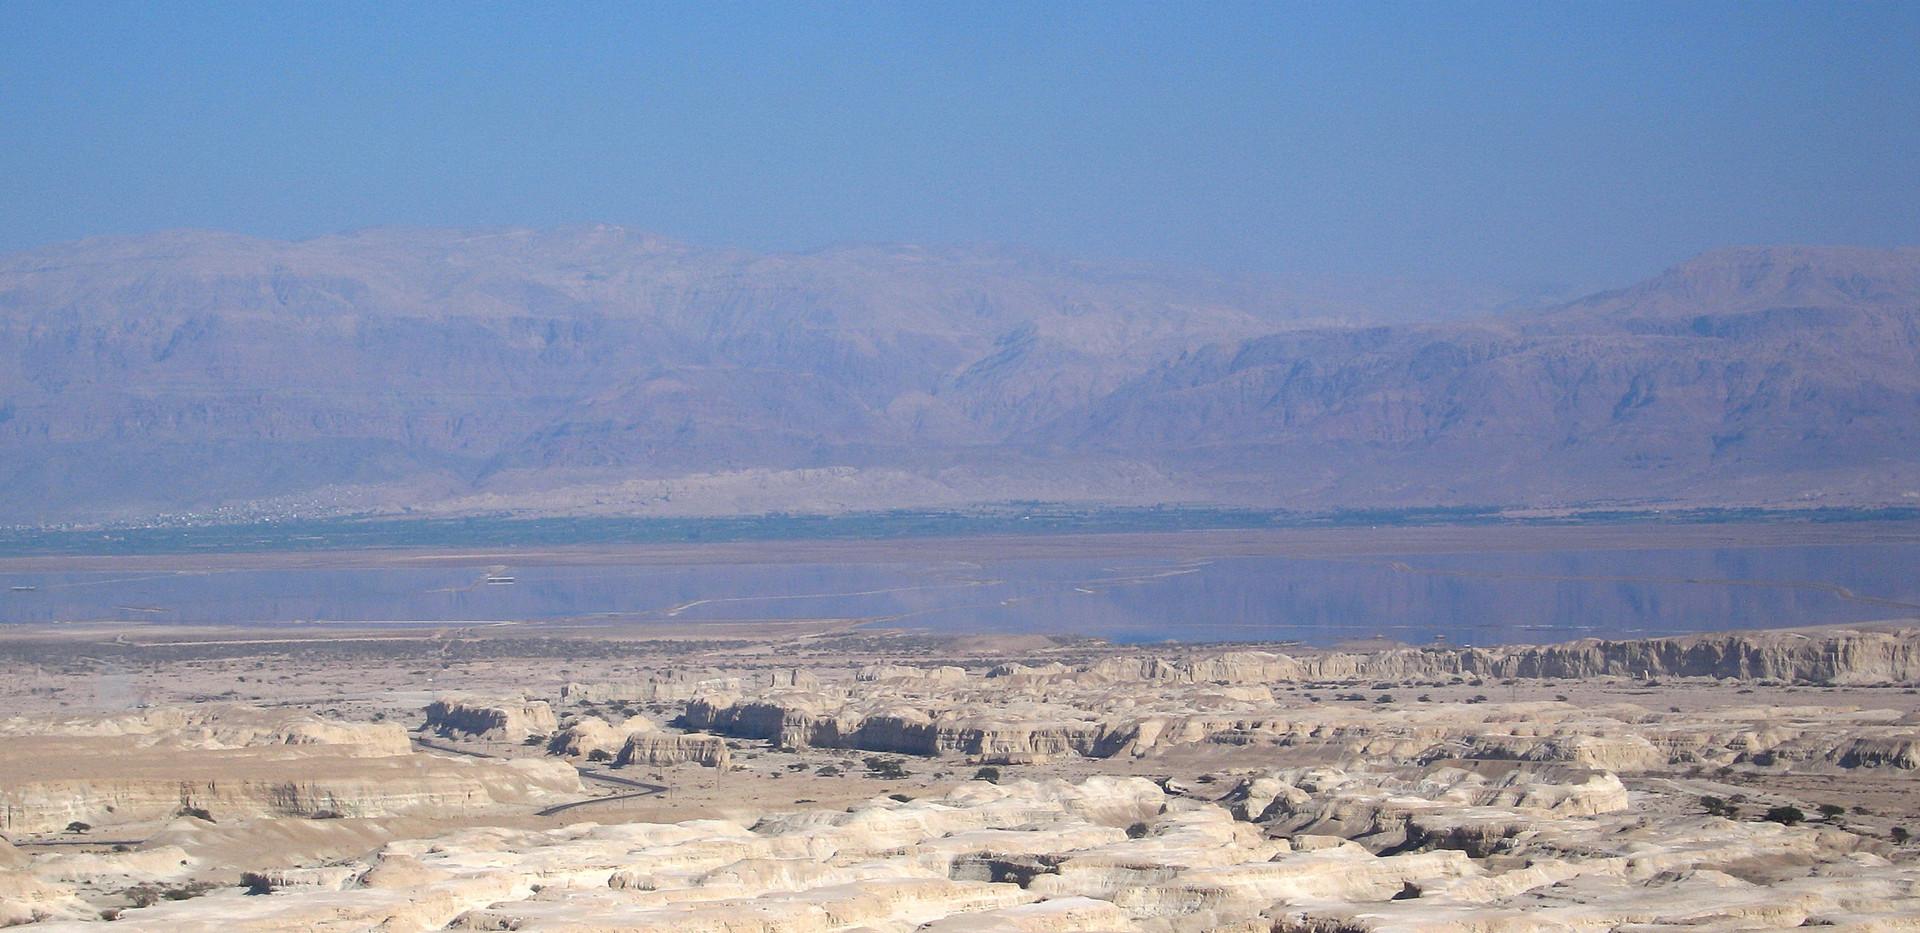 071 Dead Sea.JPG